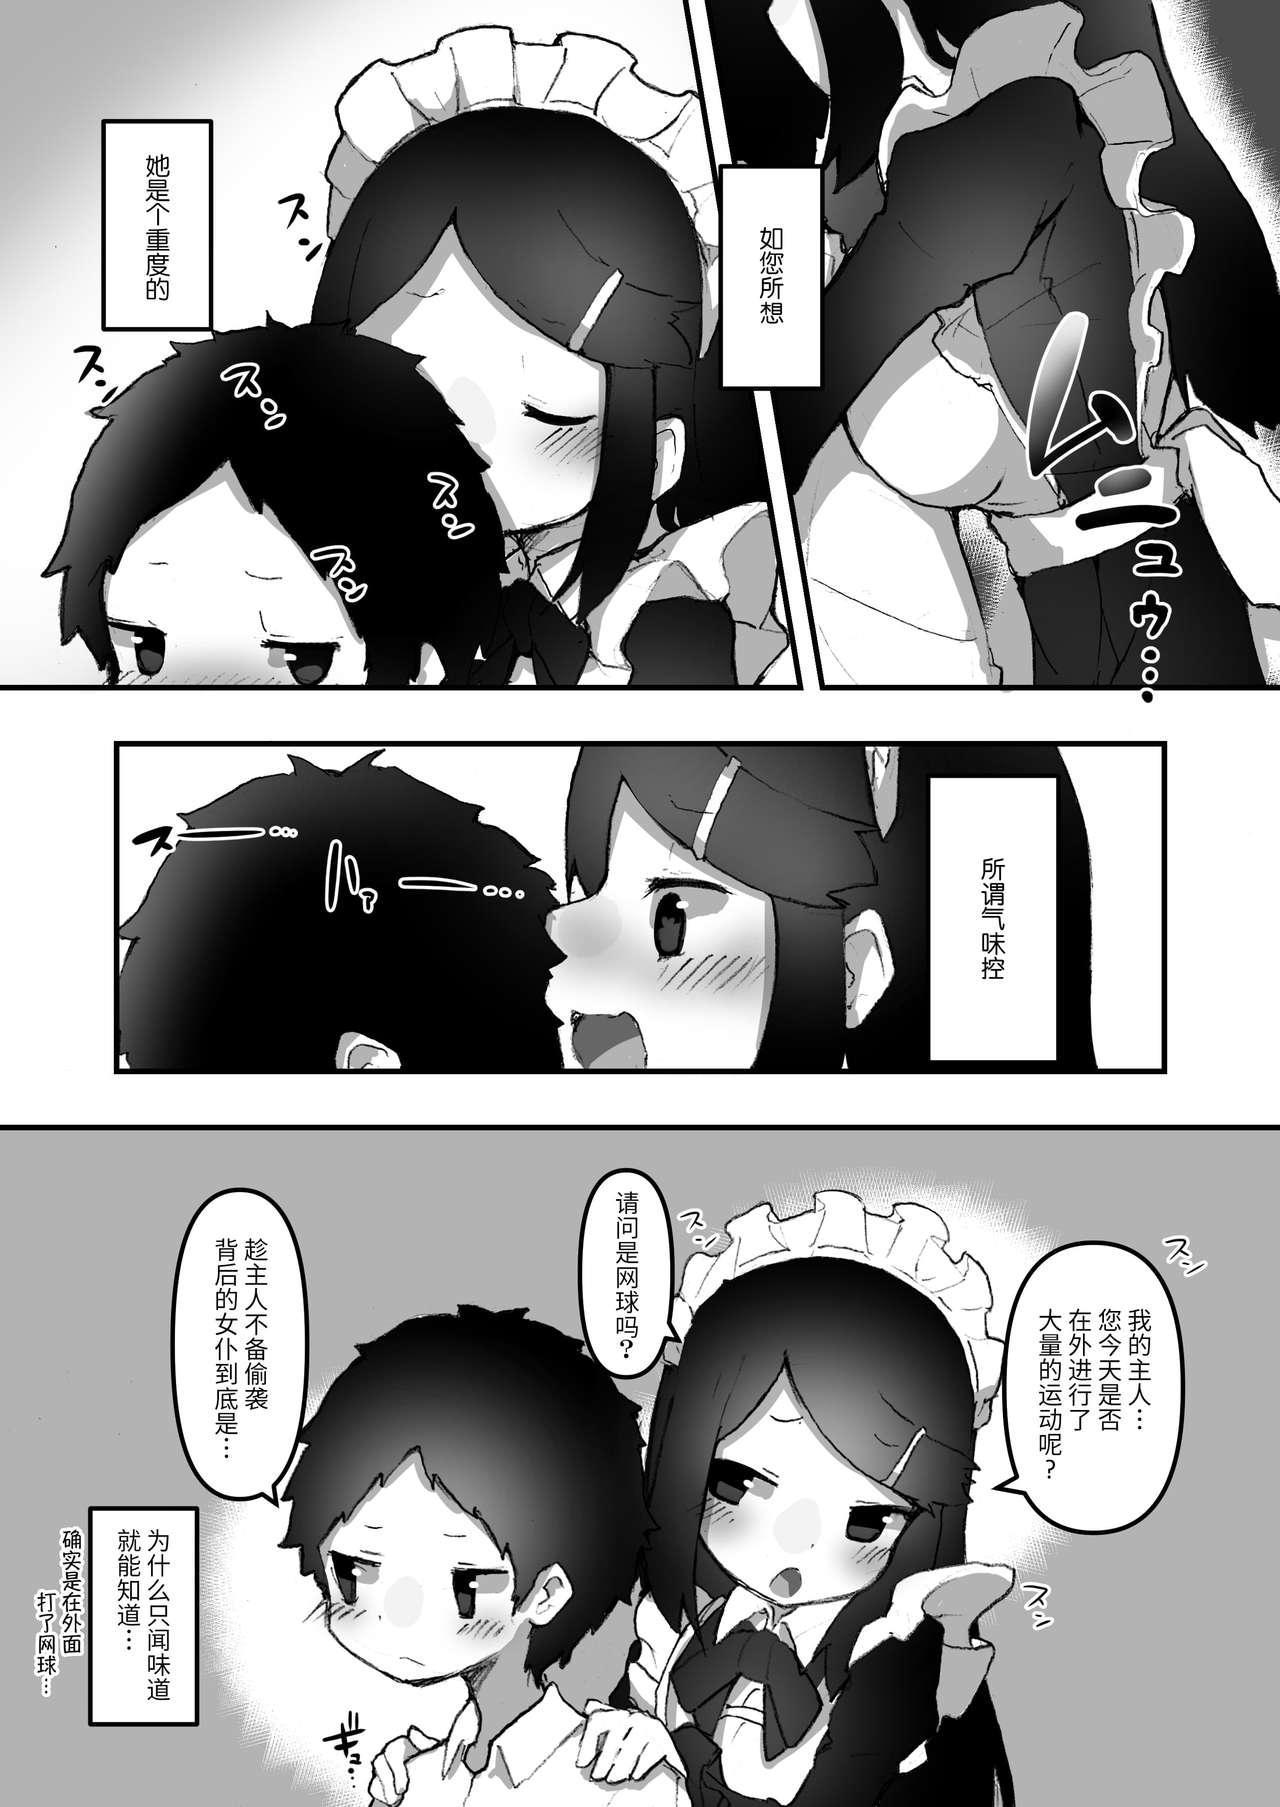 Chinkasu de kimaru Onna-tachi Comic Anthology 81